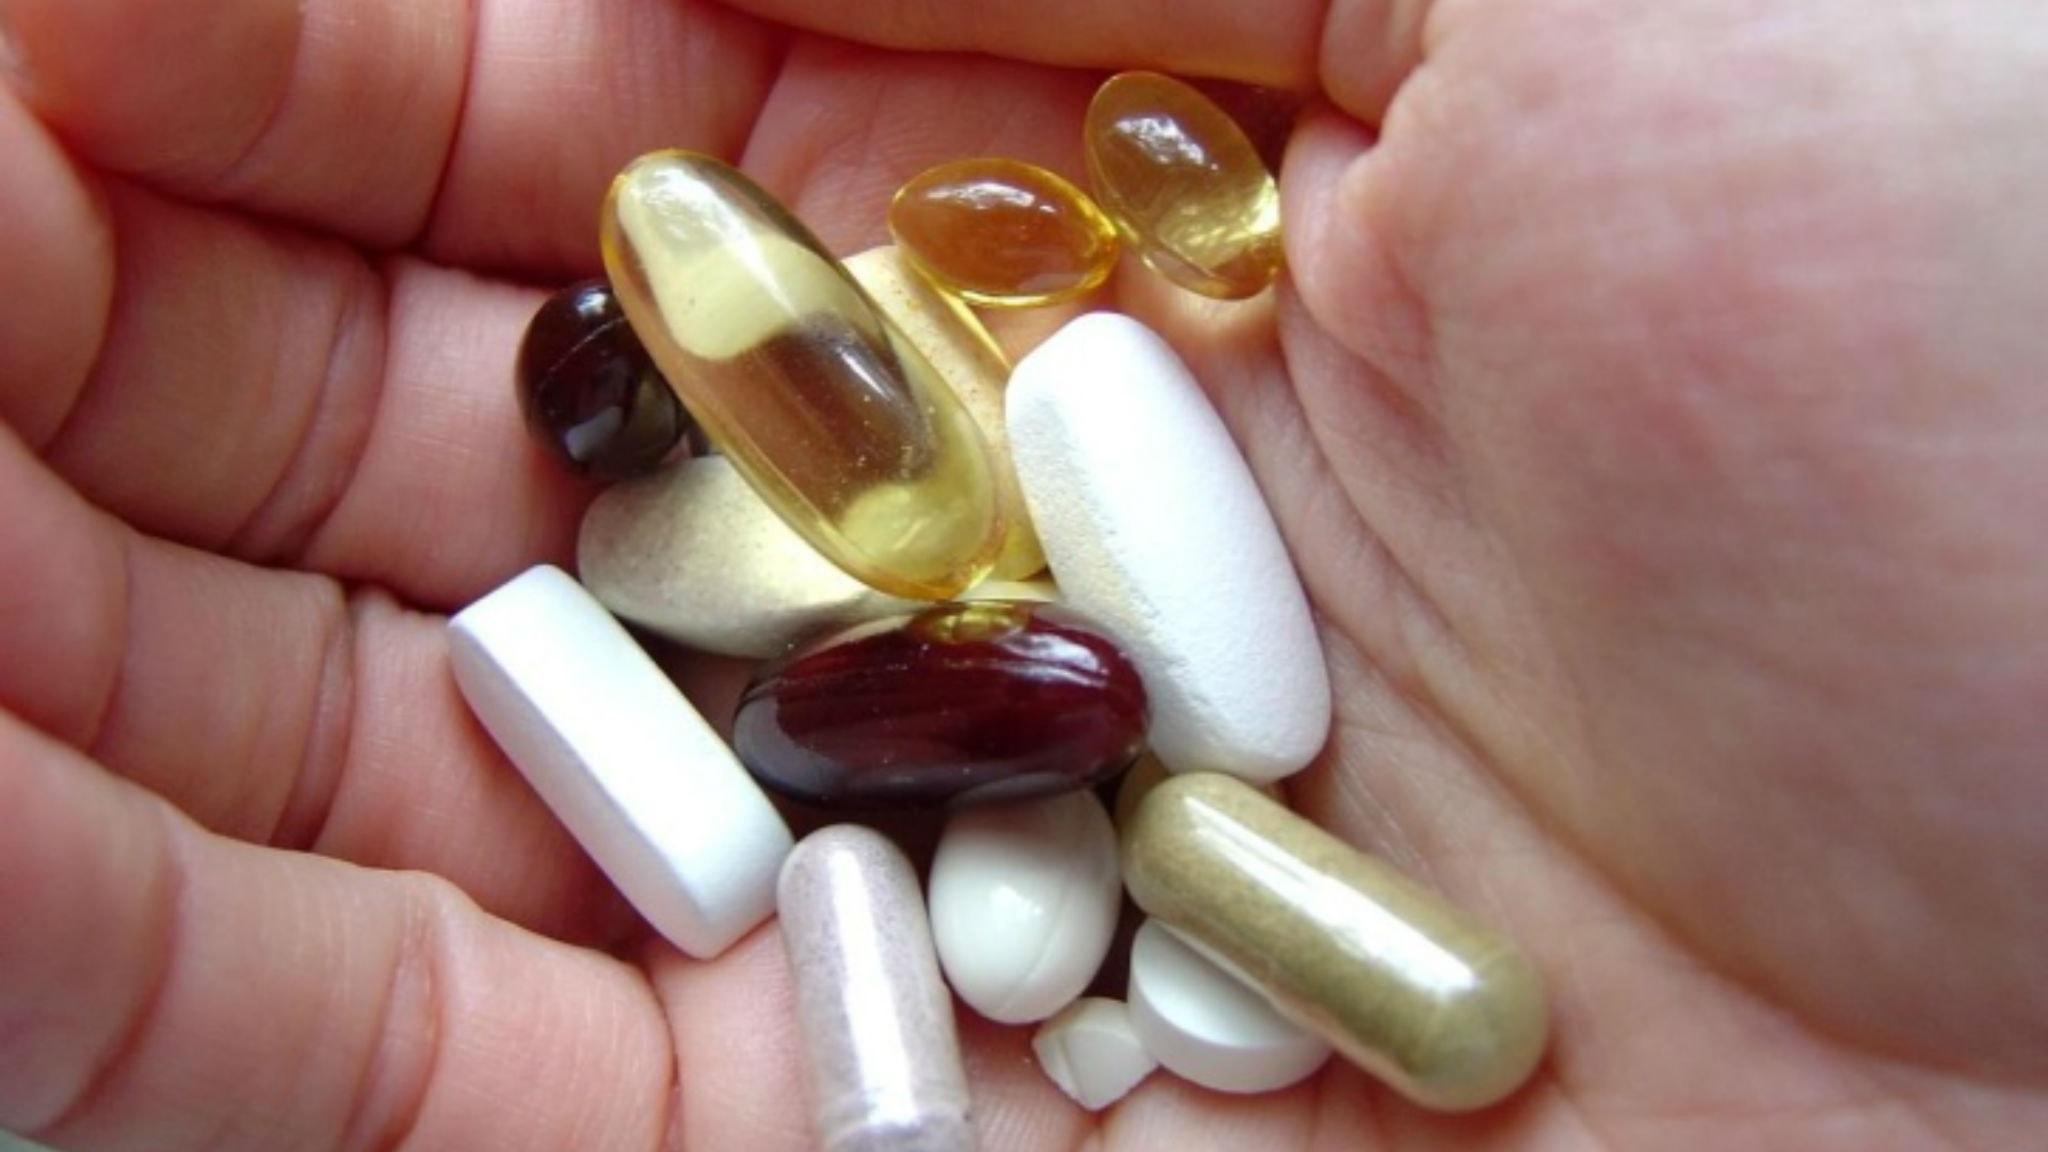 Sköldkörteln - misstro mot sjukvården och patienter som självmedicinerar